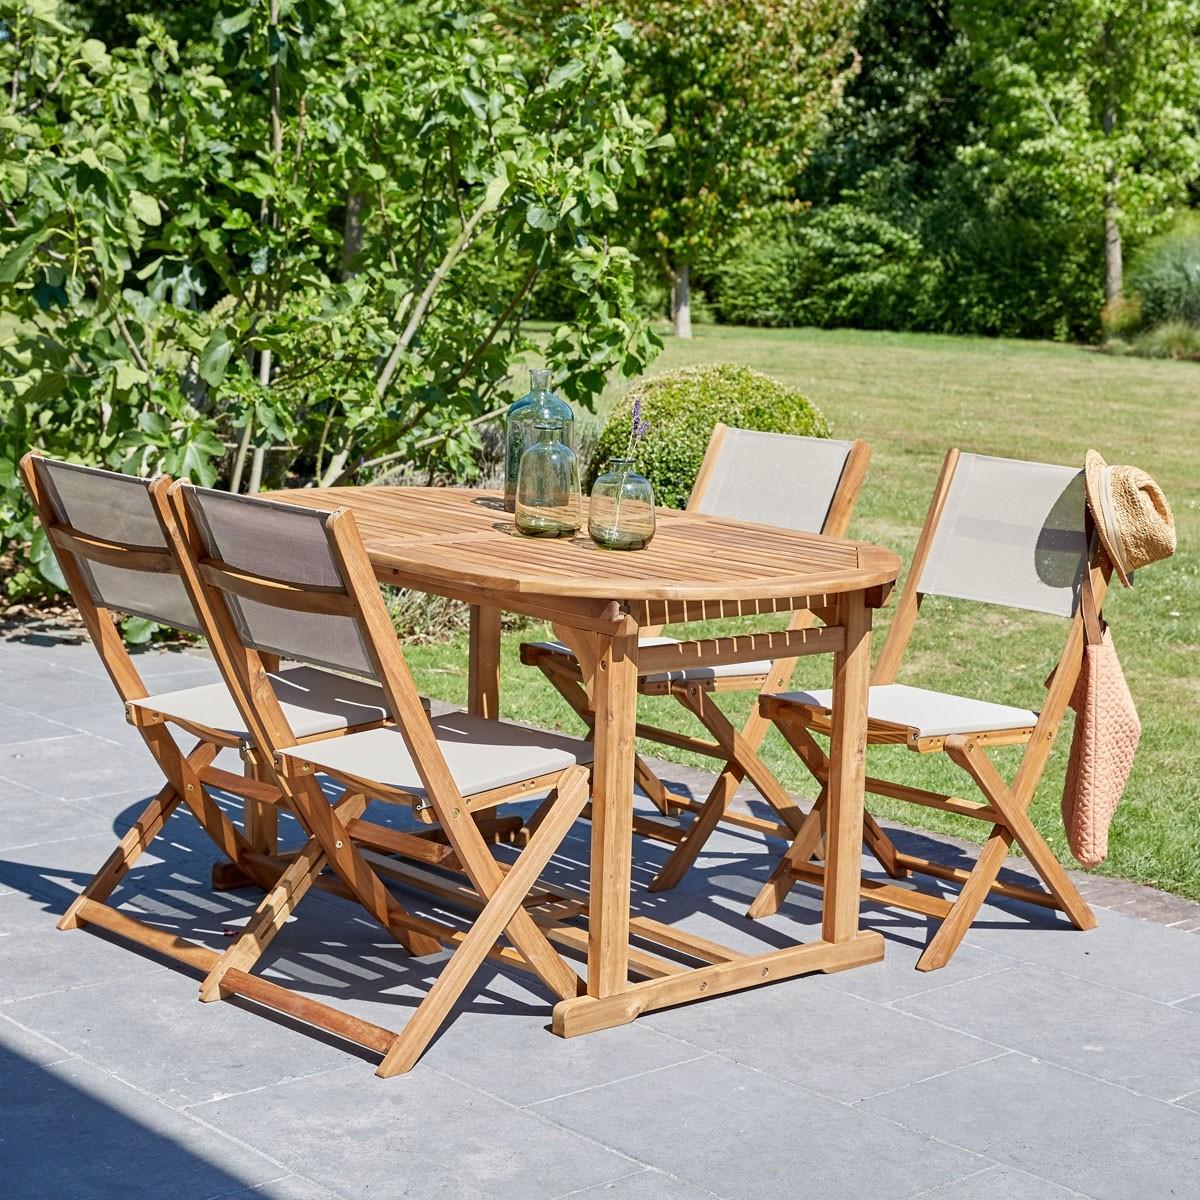 Salon de jardin en bois d 39 acacia fsc et textil ne bois for Salon jardin en bois